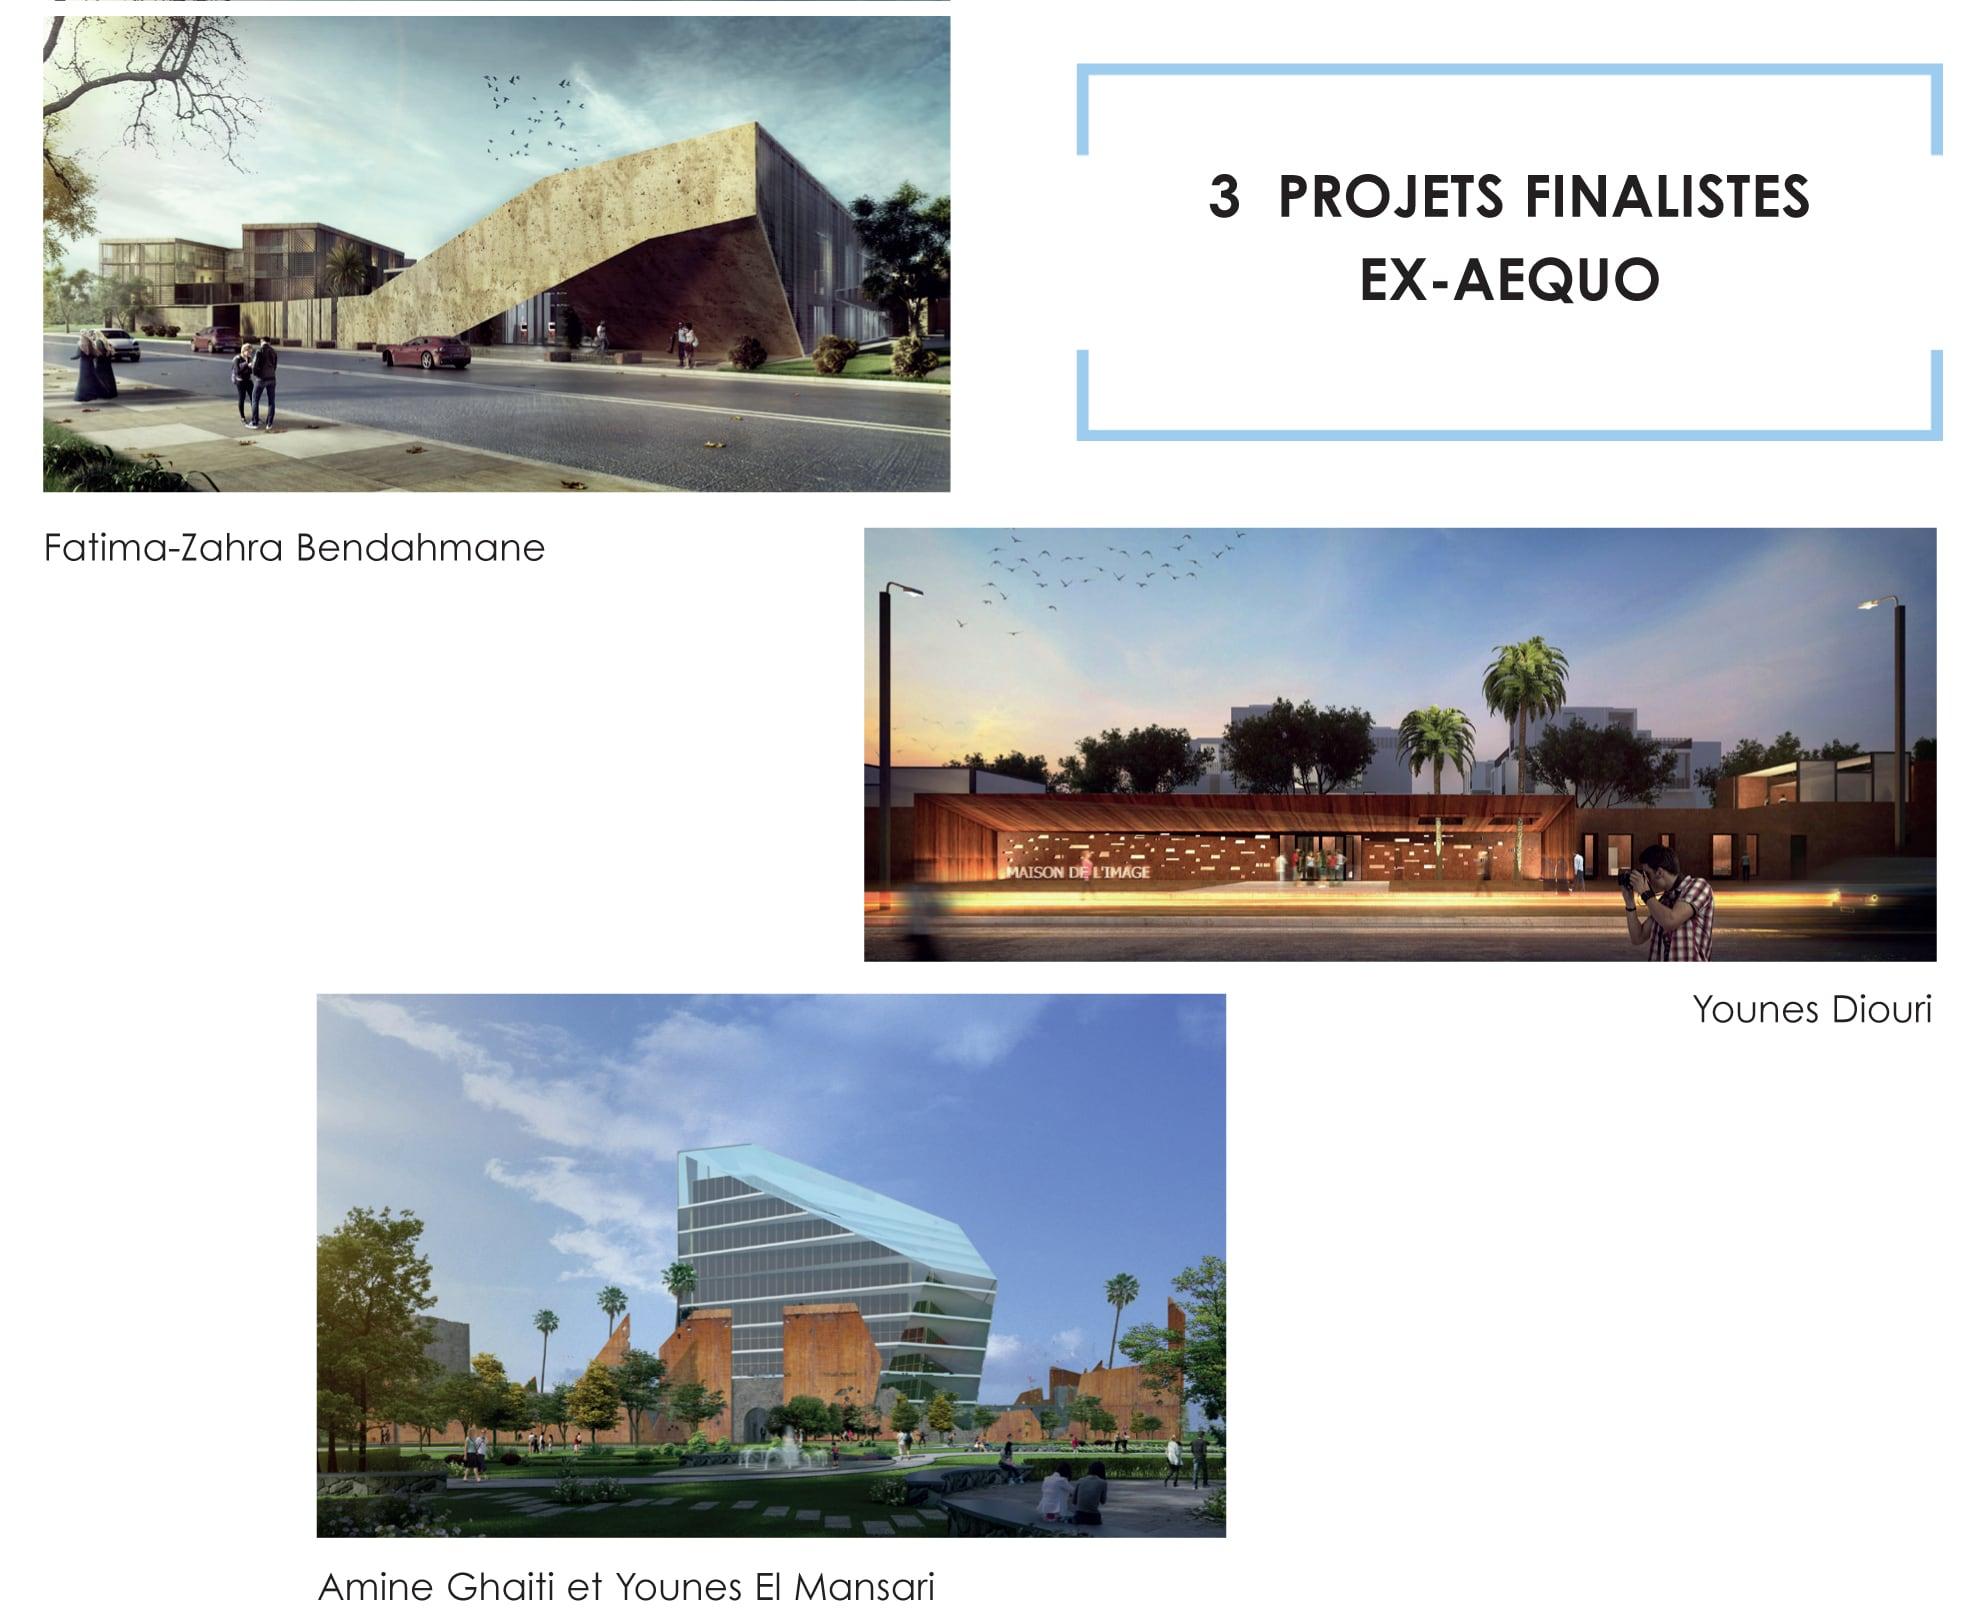 Le jury du concours de la MDI, MAISON DE L'IMAGE, ne tranche pas encore et sélectionne 3 finalistes ex-aequo